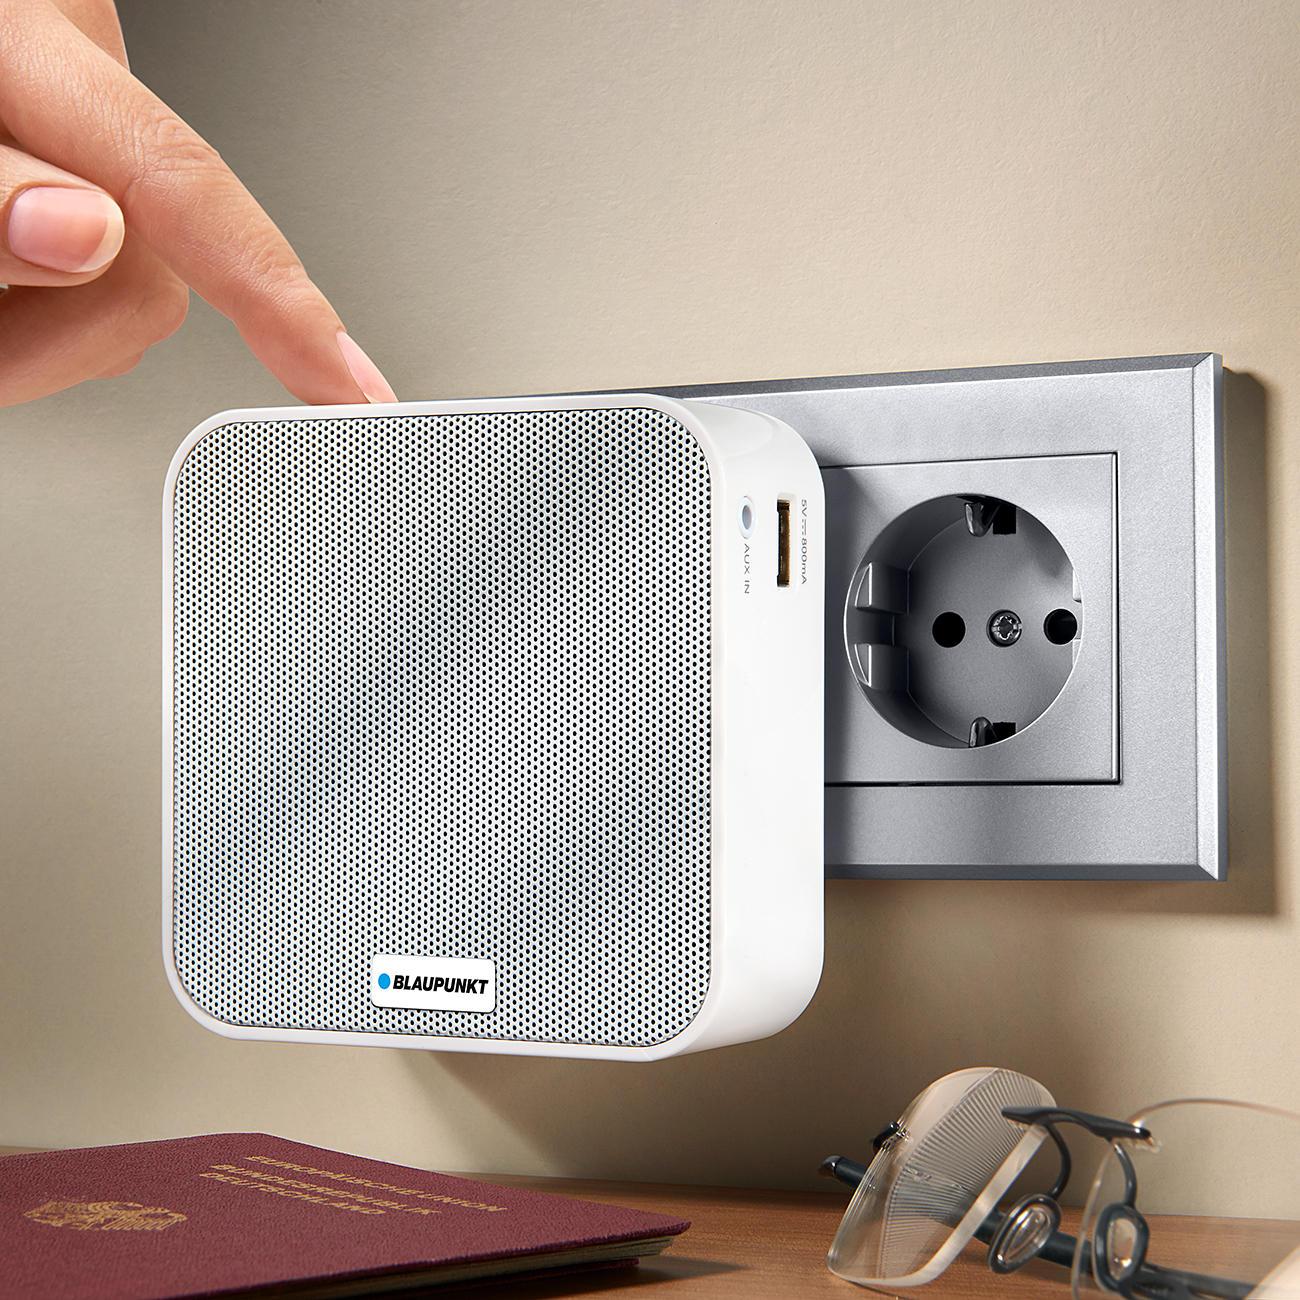 blaupunkt prb 10 steckdosenradio mit bluetooth powerbank und freisprecheinrichtung. Black Bedroom Furniture Sets. Home Design Ideas